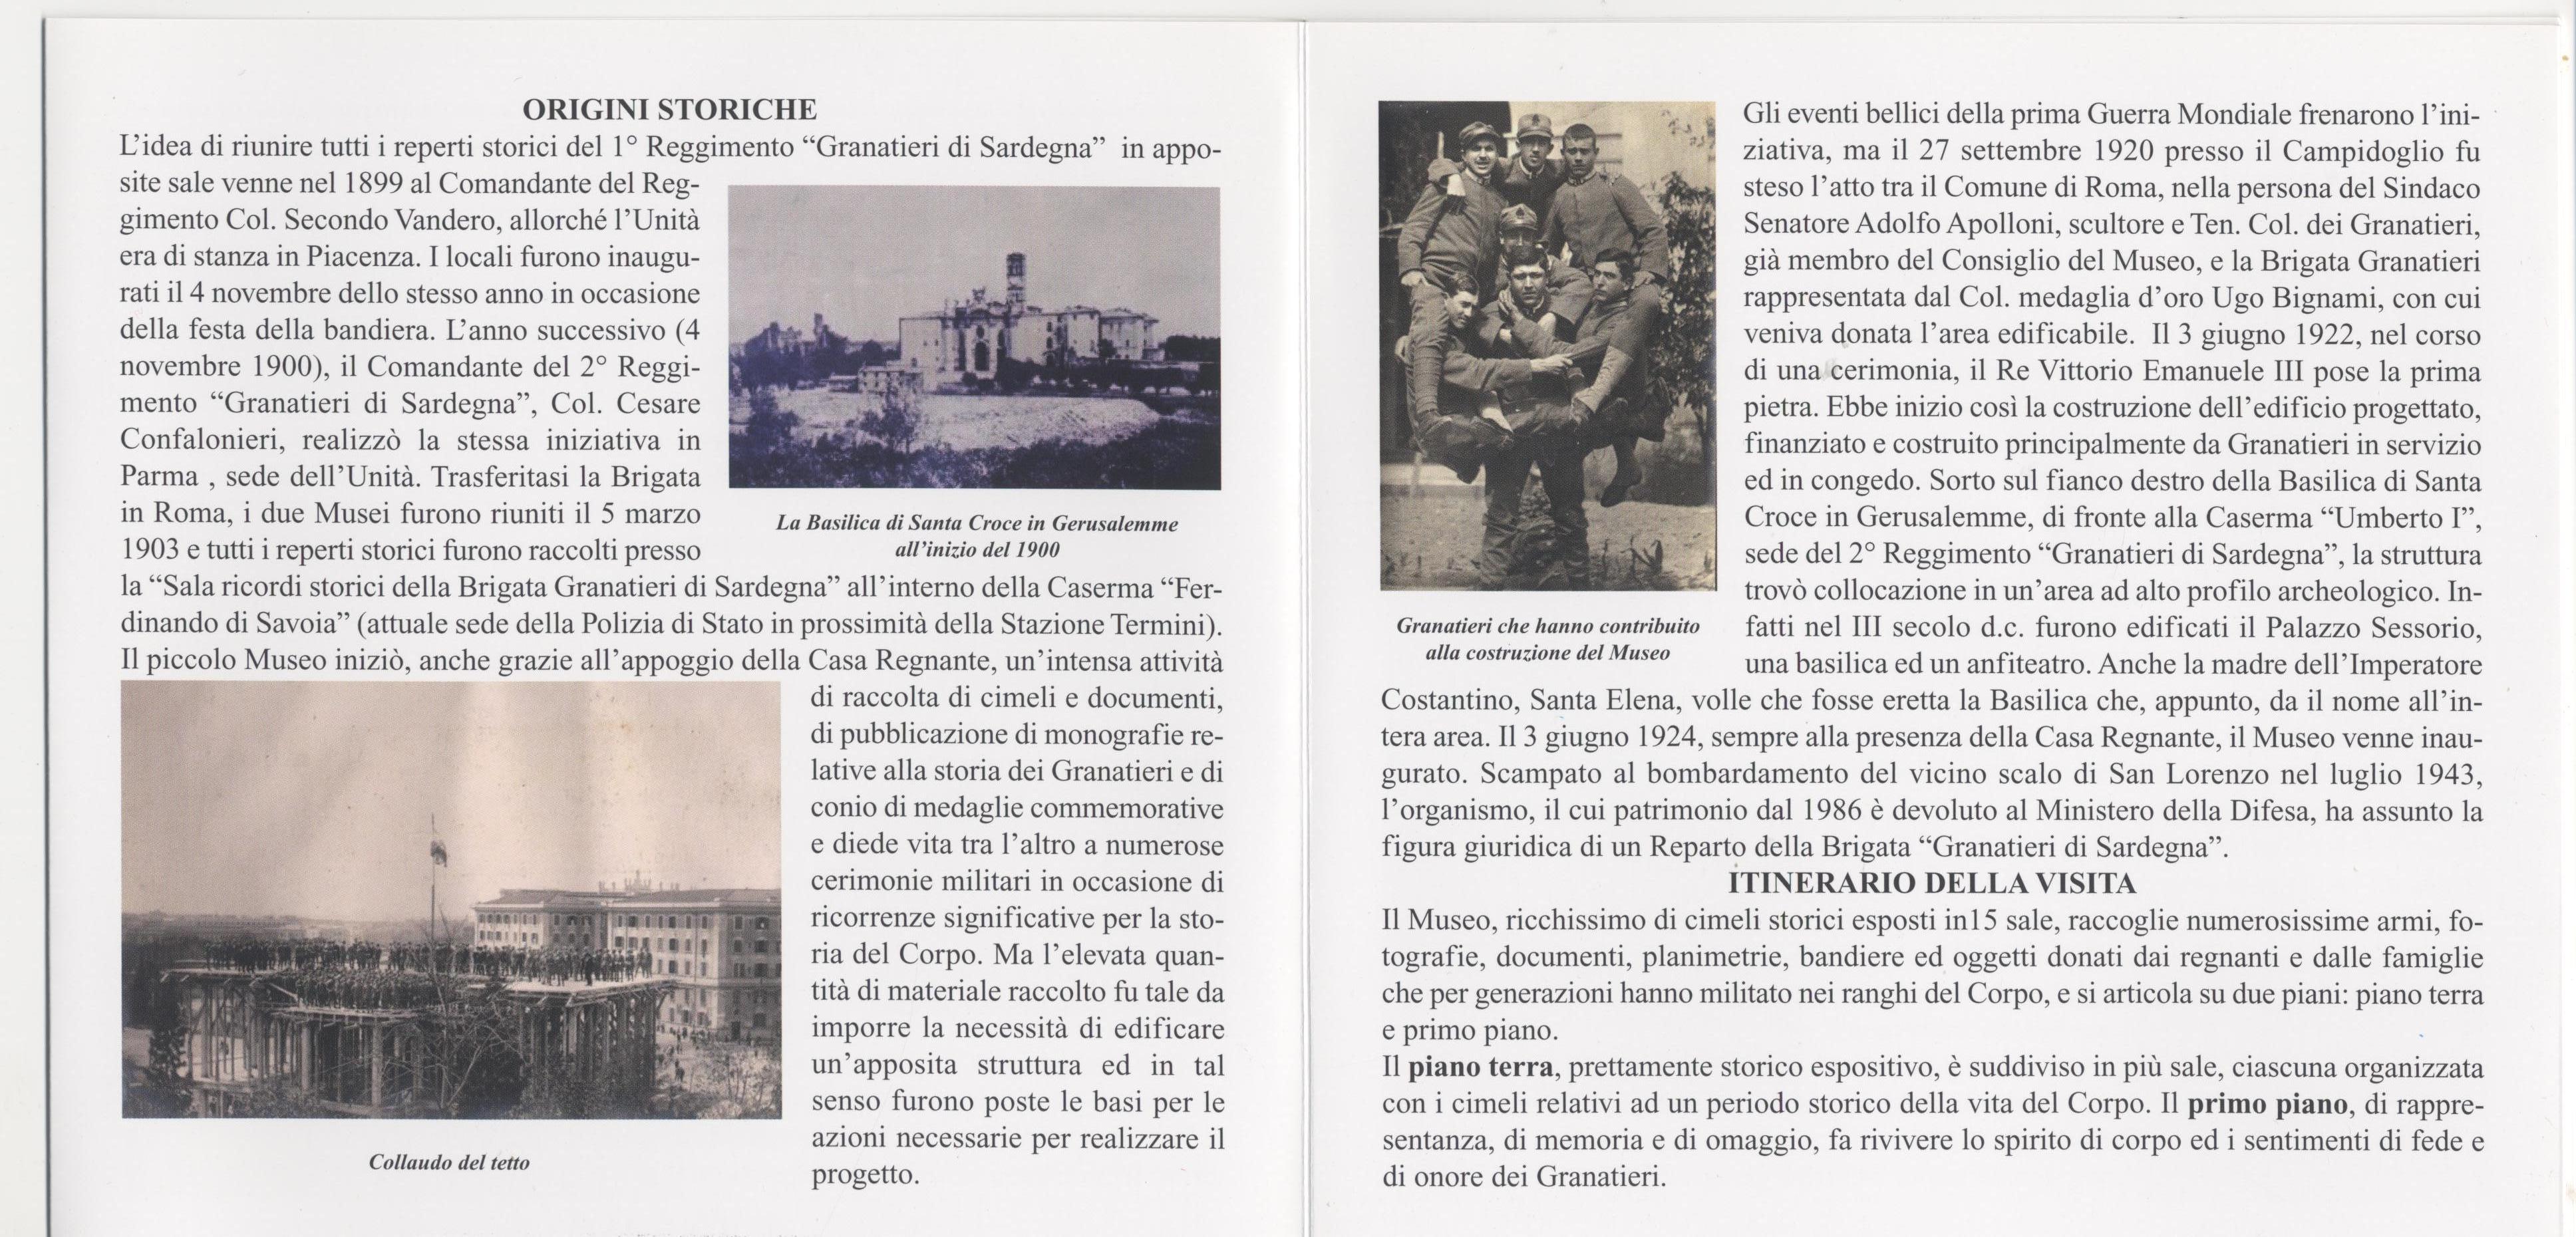 Locandina visita Museo Storico Granatieri di Sardegna -Parte 2^